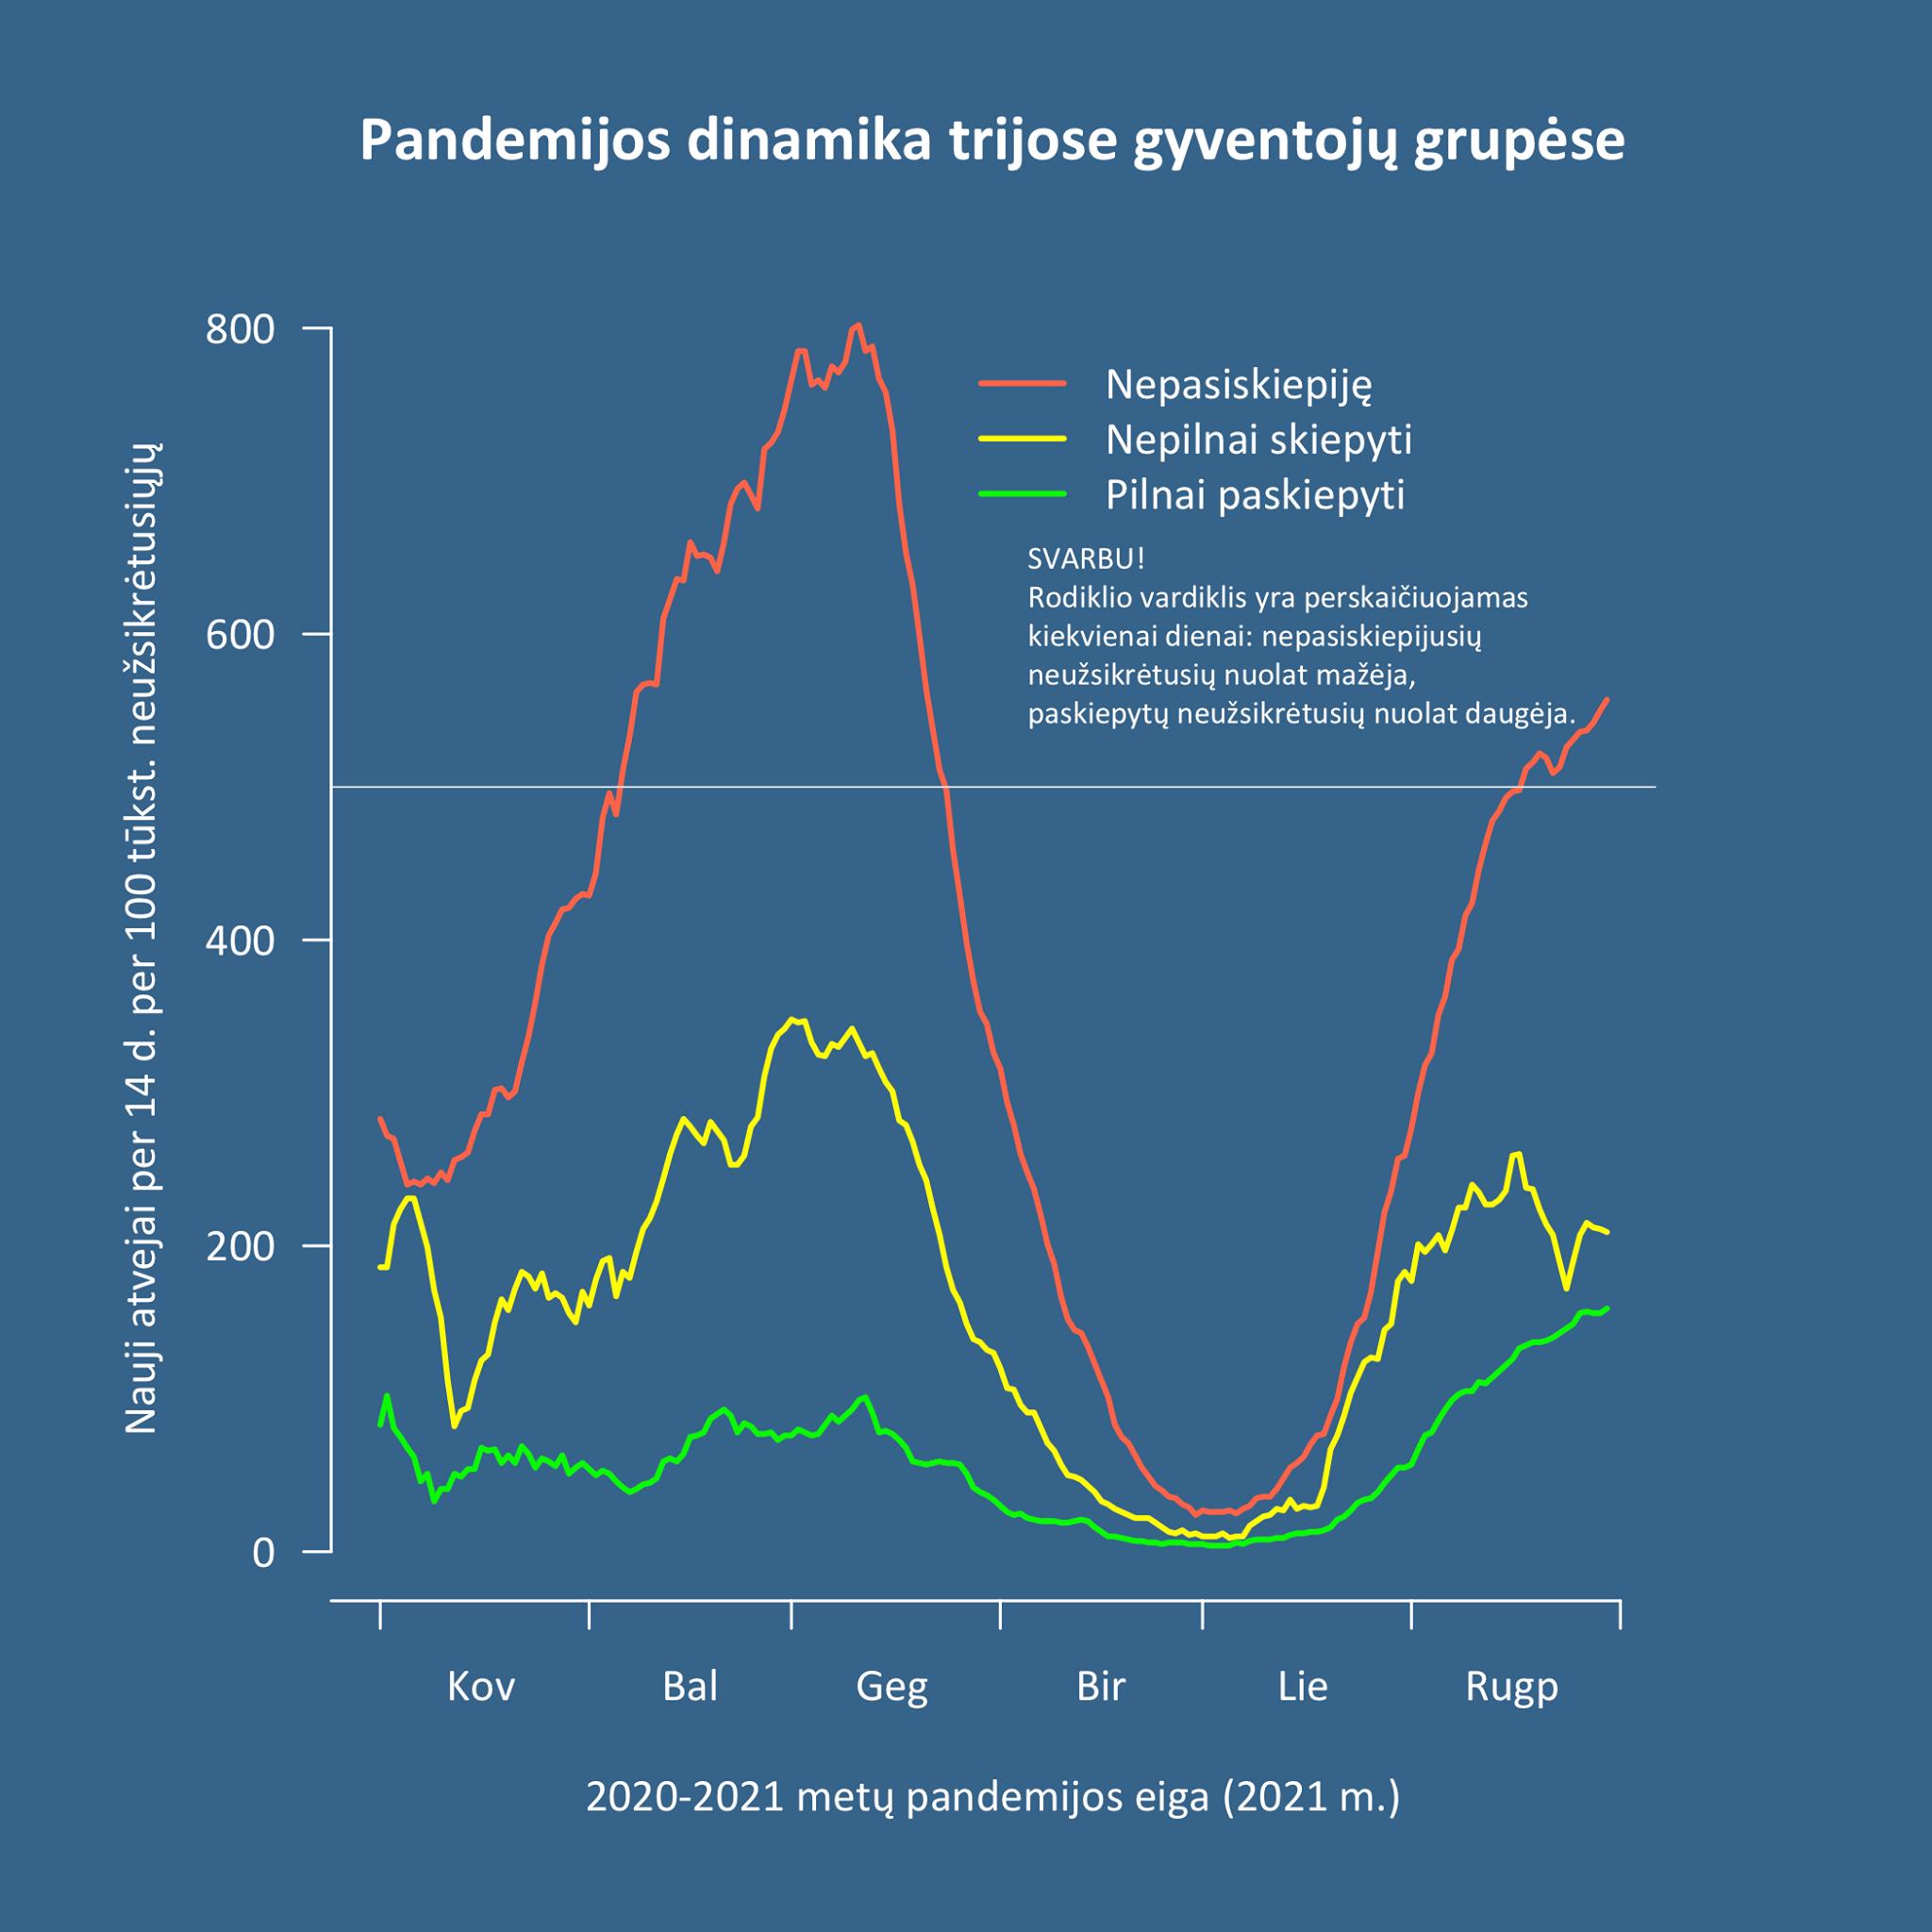 pandemijos%20dinamika.png